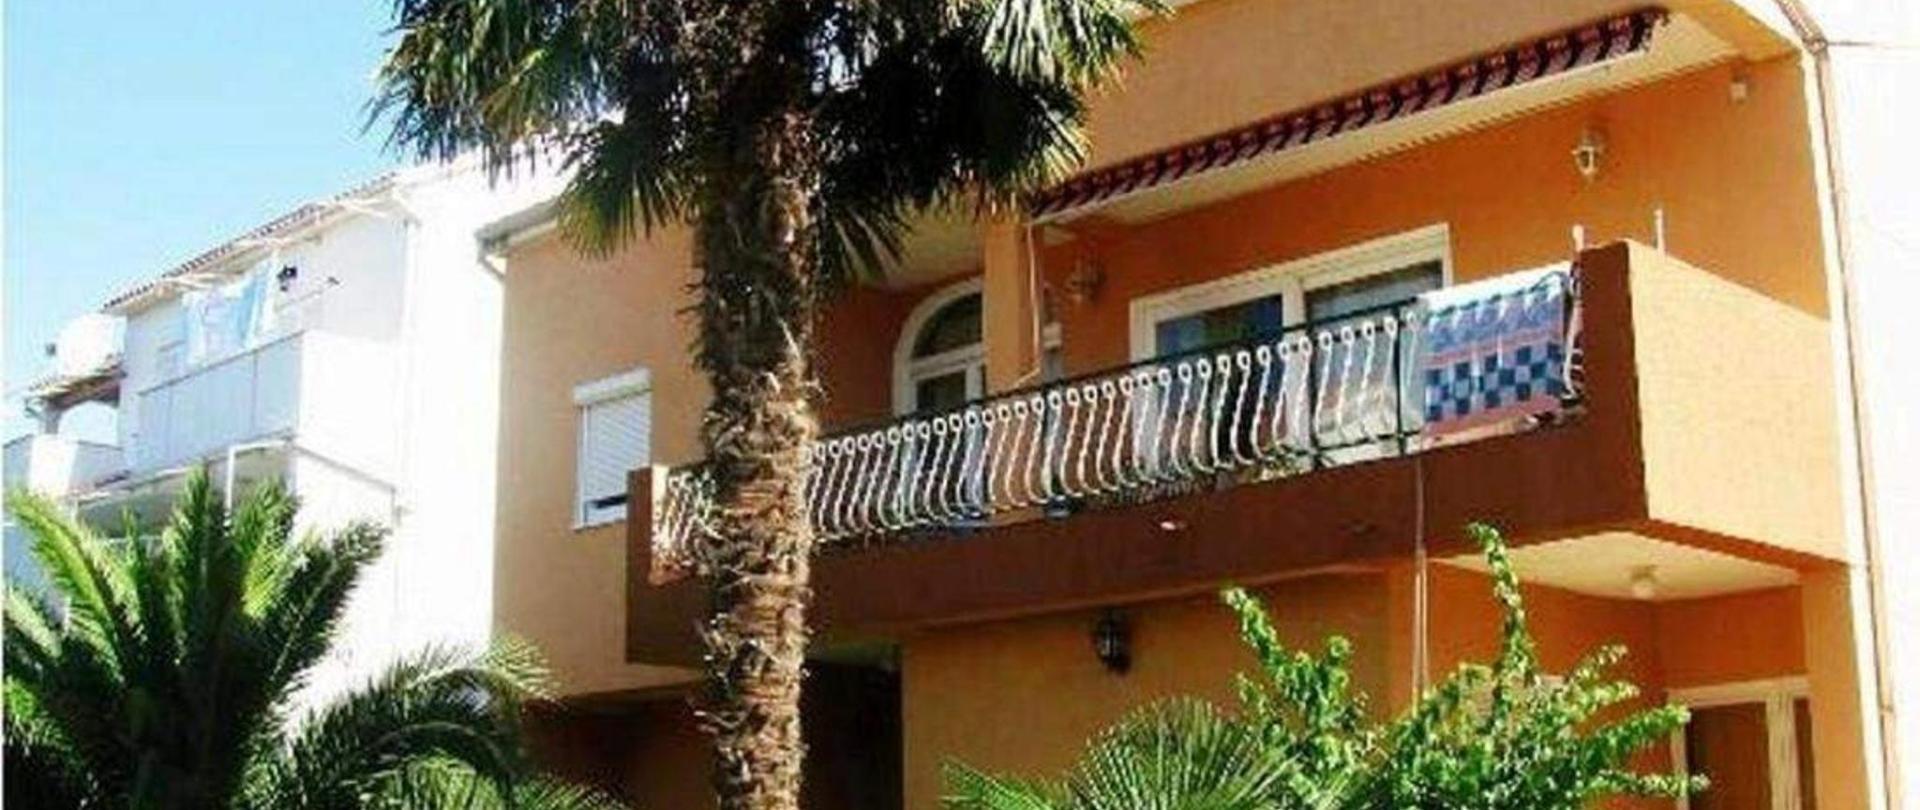 Villa Dolce Vita - Vodice - Croatia 114e7116087